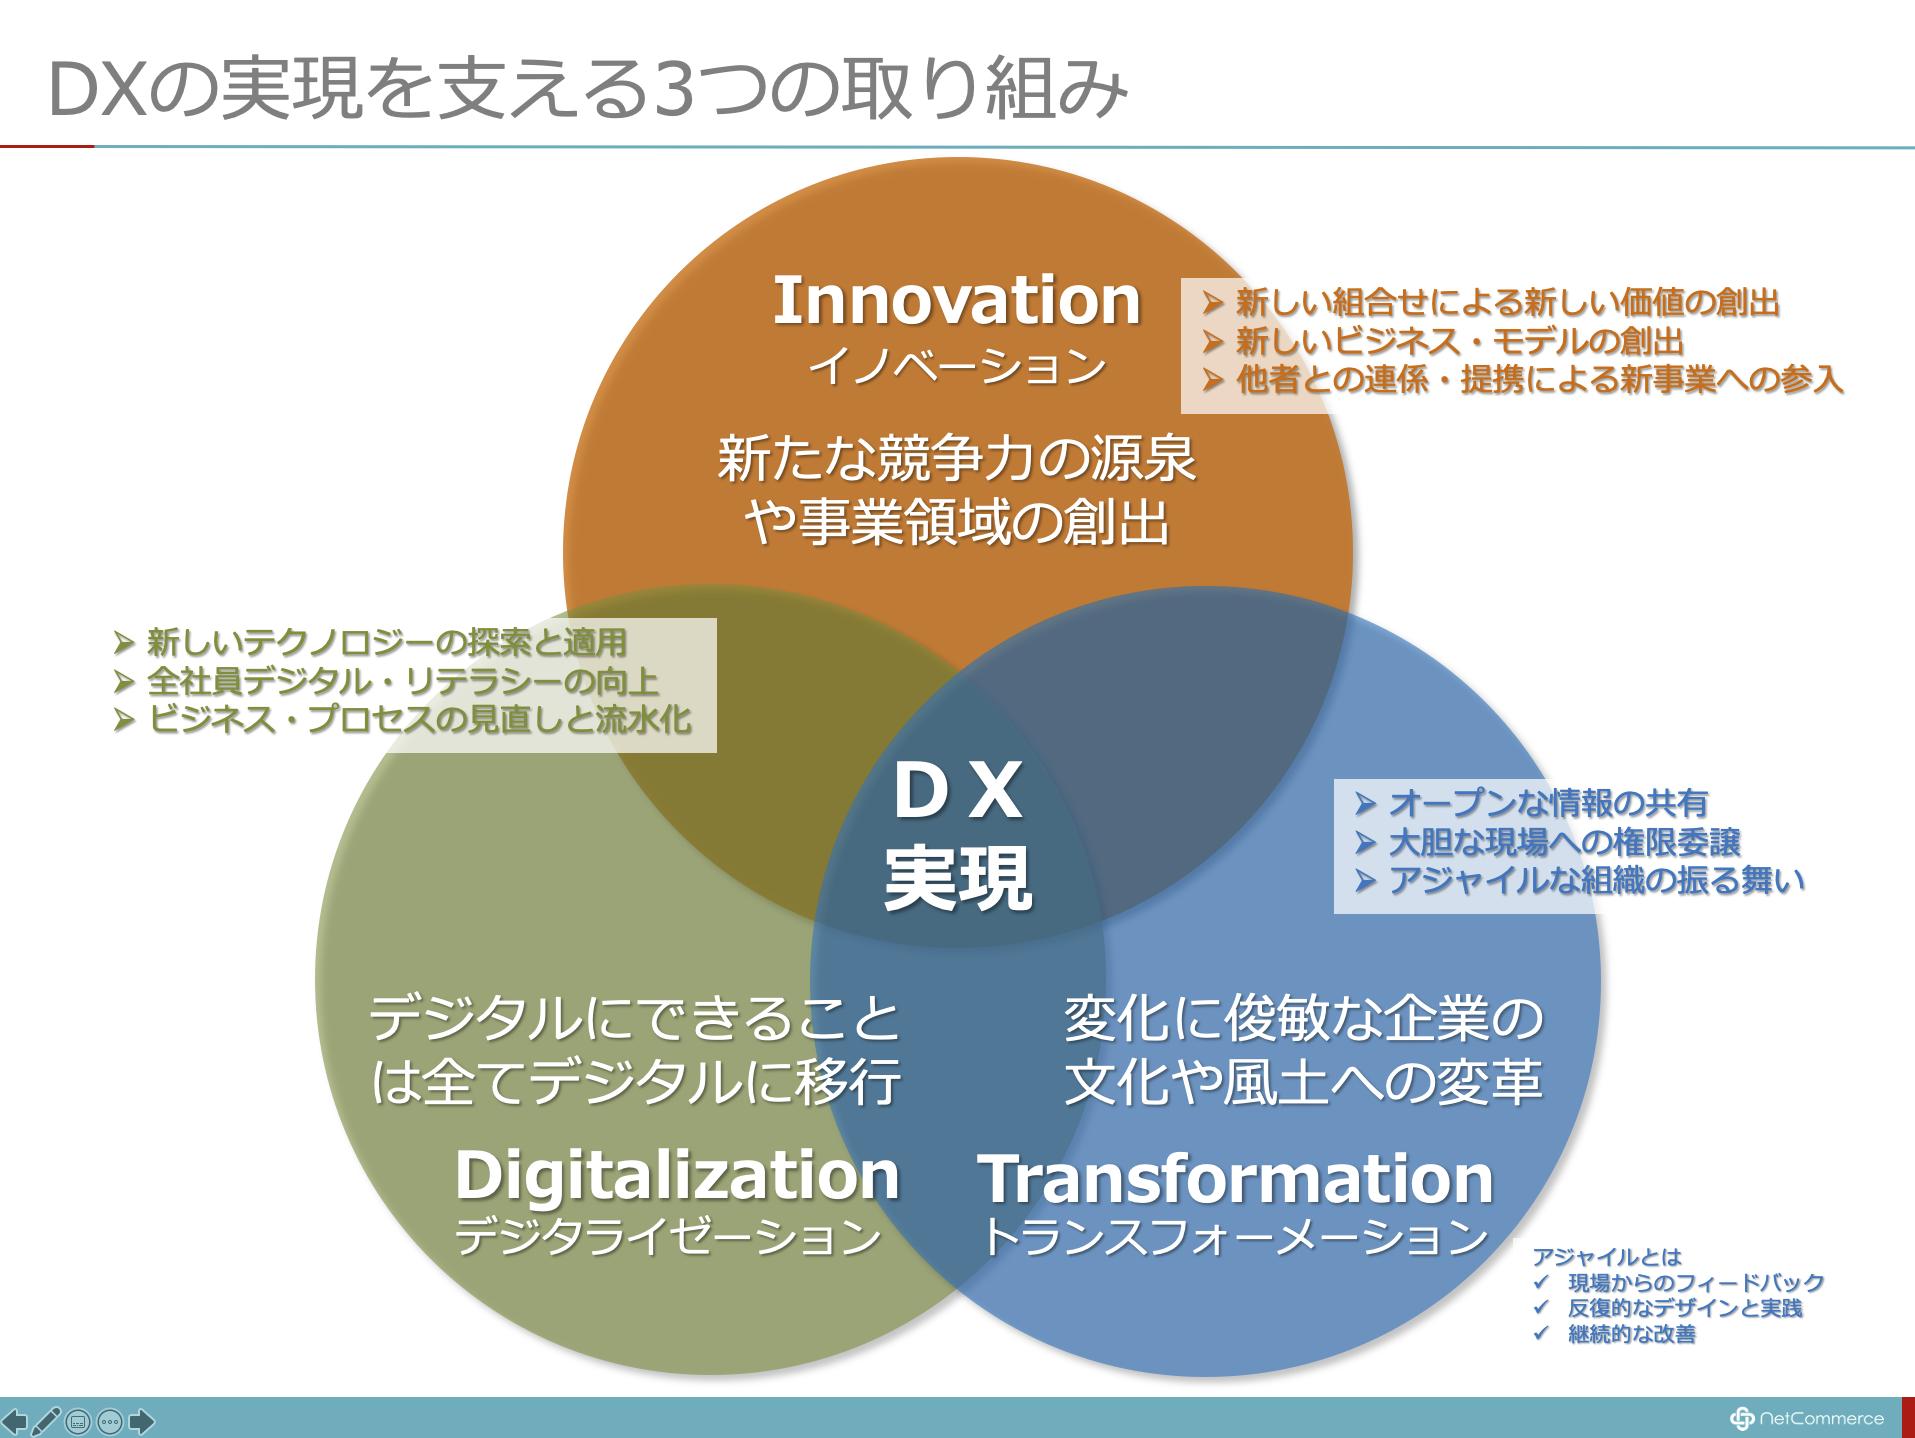 DX推進室」や「DX本部」に丸投げしてはいないだろうか:DX実現のための3つの取り組み   ネットコマース株式会社